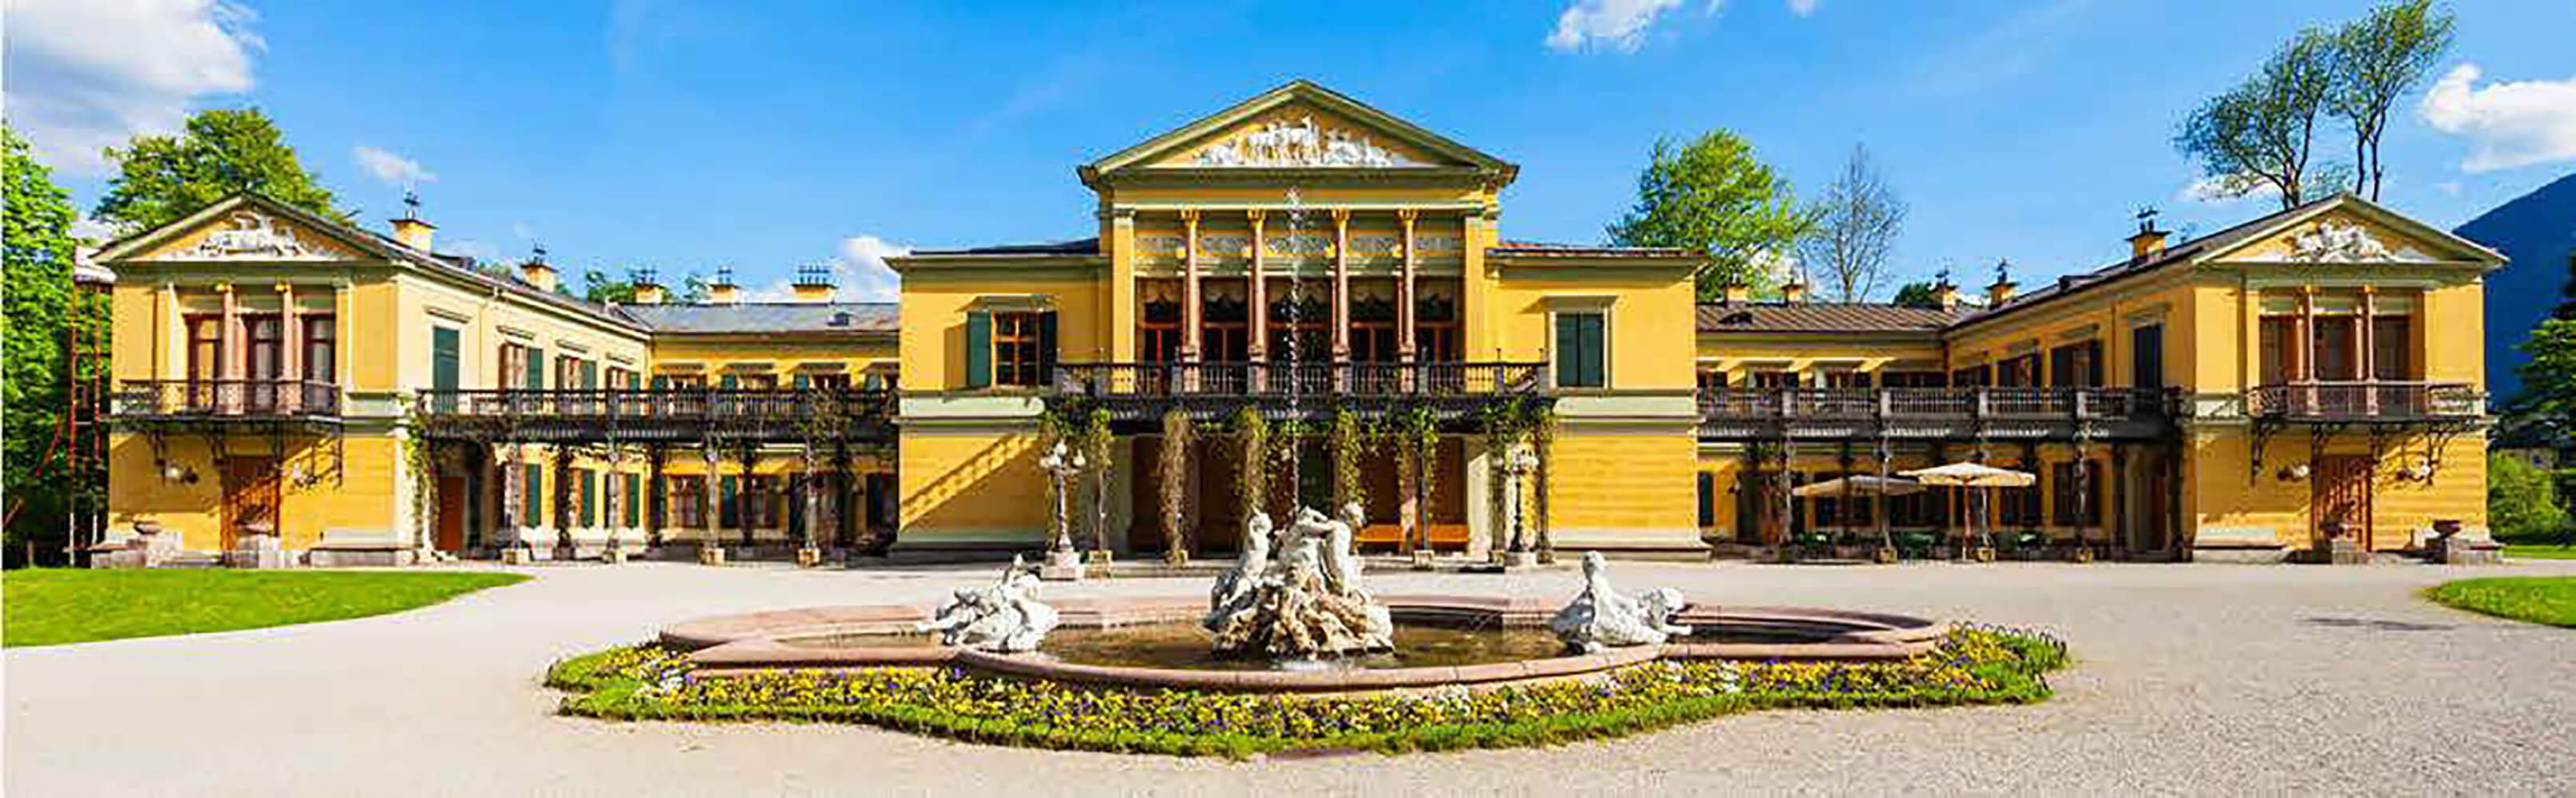 Kaiservilla und Kaiserpark Bad Ischl 1